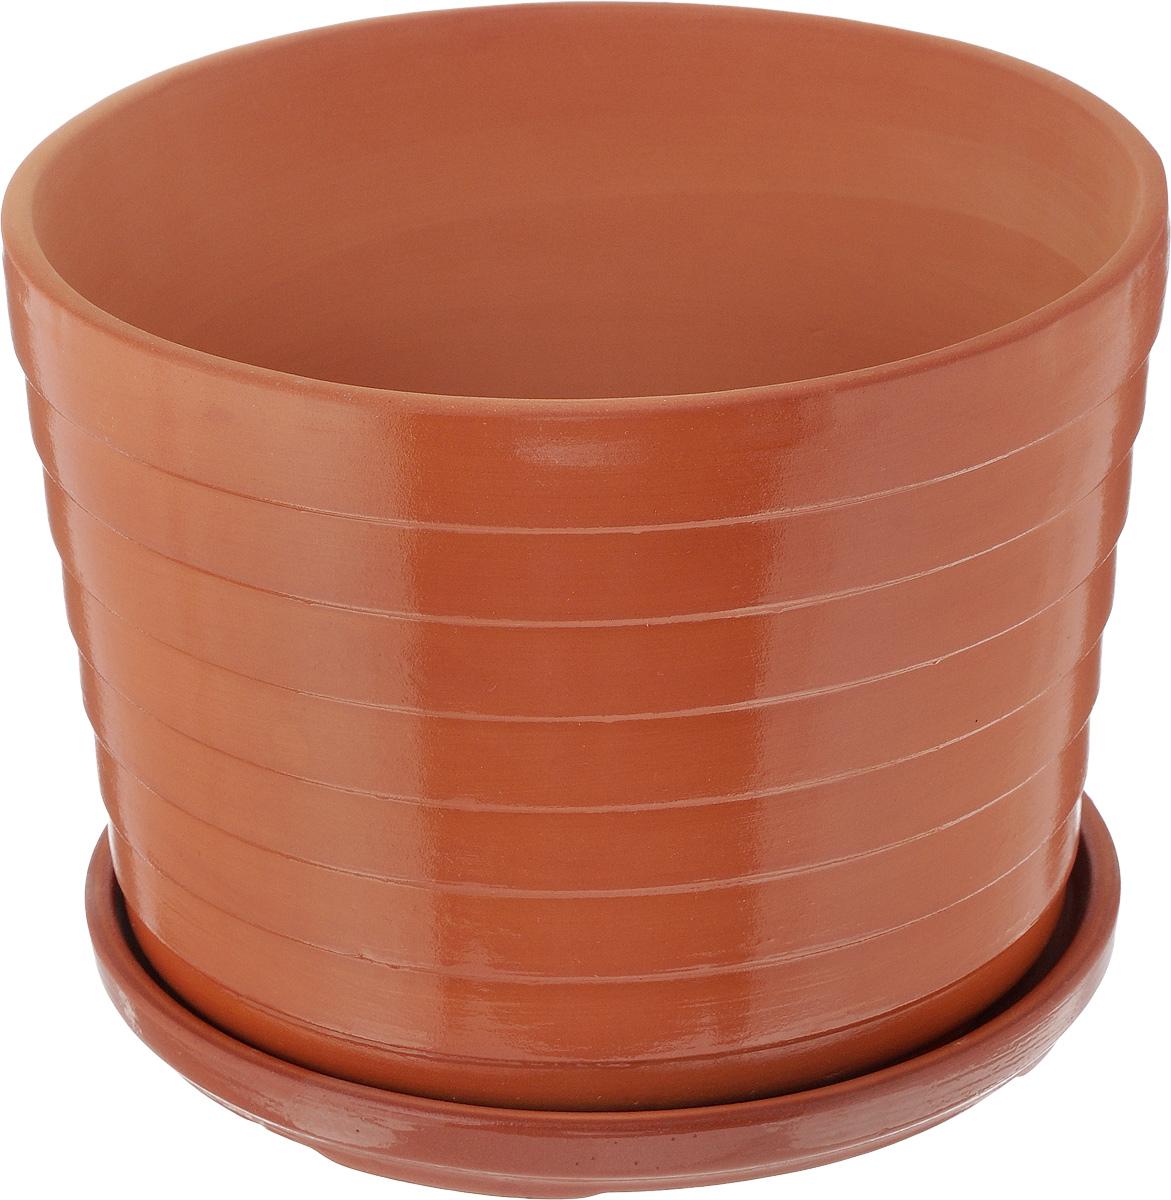 Горшок для цветов Ломоносовская керамика Риф, с поддоном, 3,5 л3Цр3-3Горшок Ломоносовская керамика Риф изготовлен из высококачественной керамики и оснащен поддоном для стока воды. Изделие прекрасно подойдет для выращивания растений дома и на приусадебных участках. Диаметр (по верхнему краю): 22 см. Высота (с поддоном): 16 см. Размер поддона: 21 х 21 х 2 см.